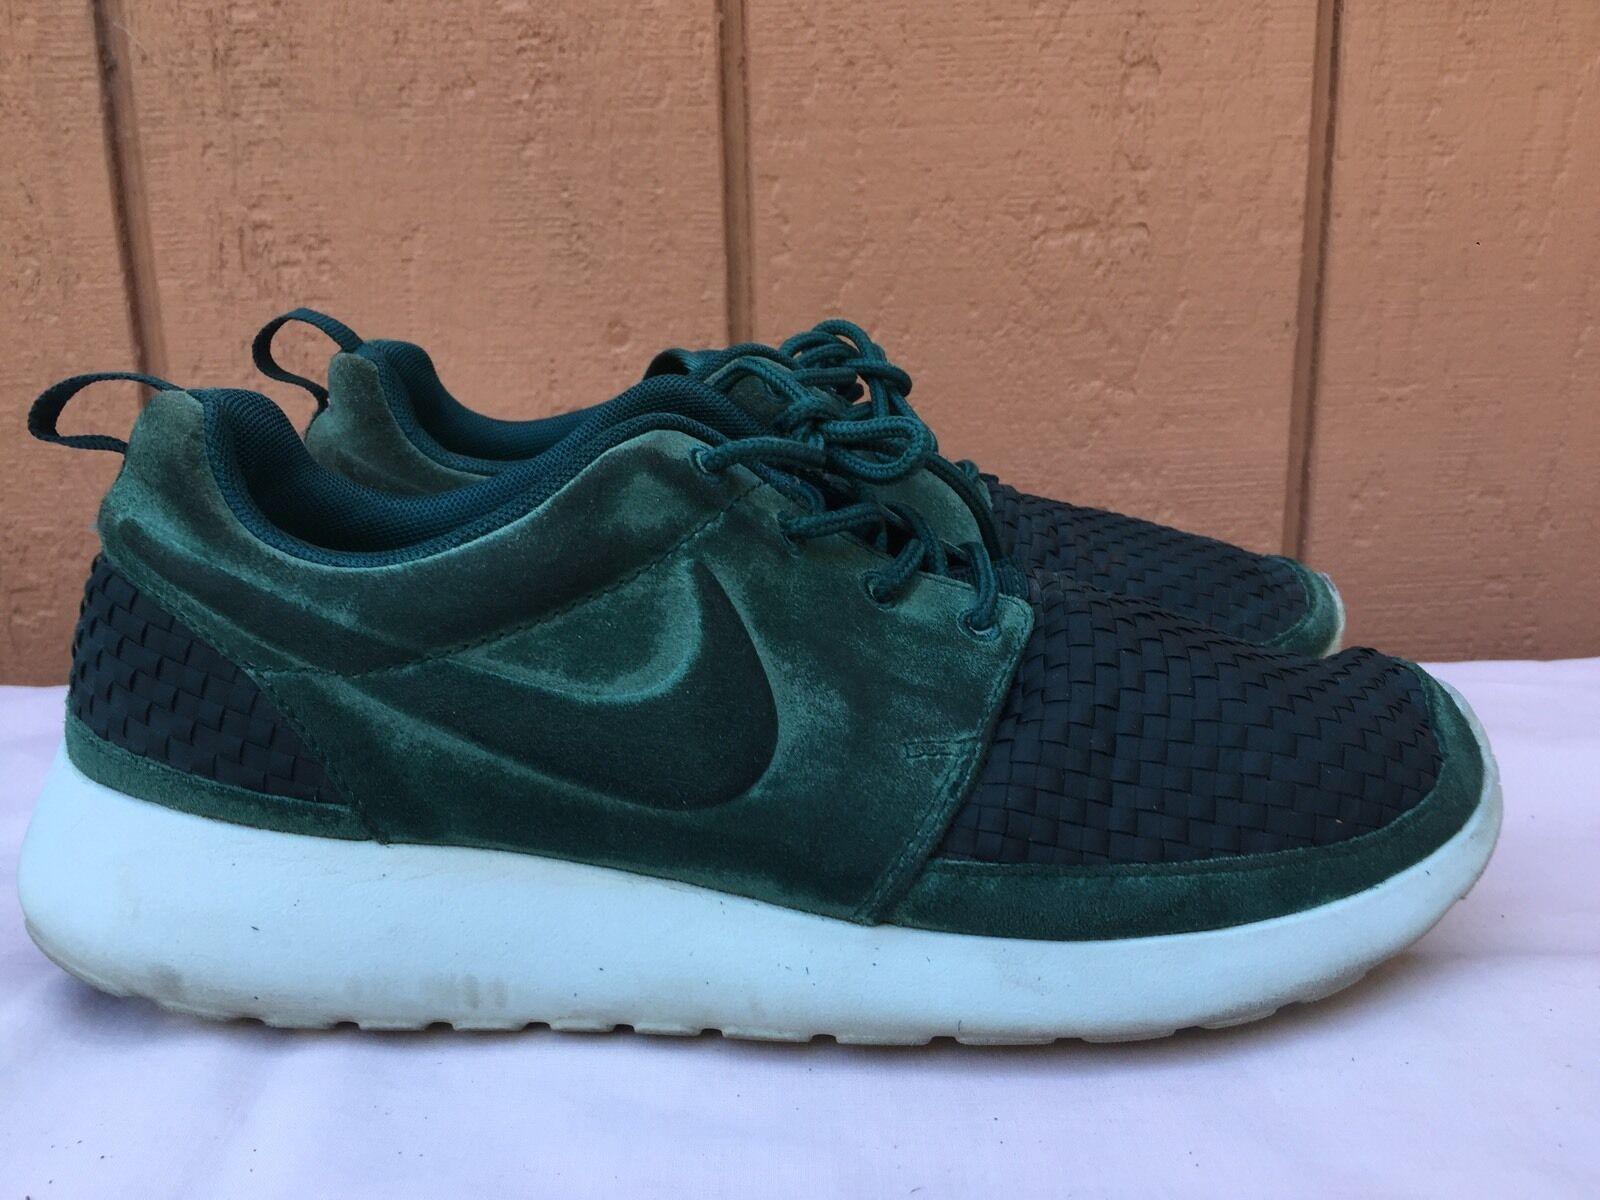 Nike Rosherun Woven Dark Atomic Teal Green 555602-334 Mens US Sz 7.5